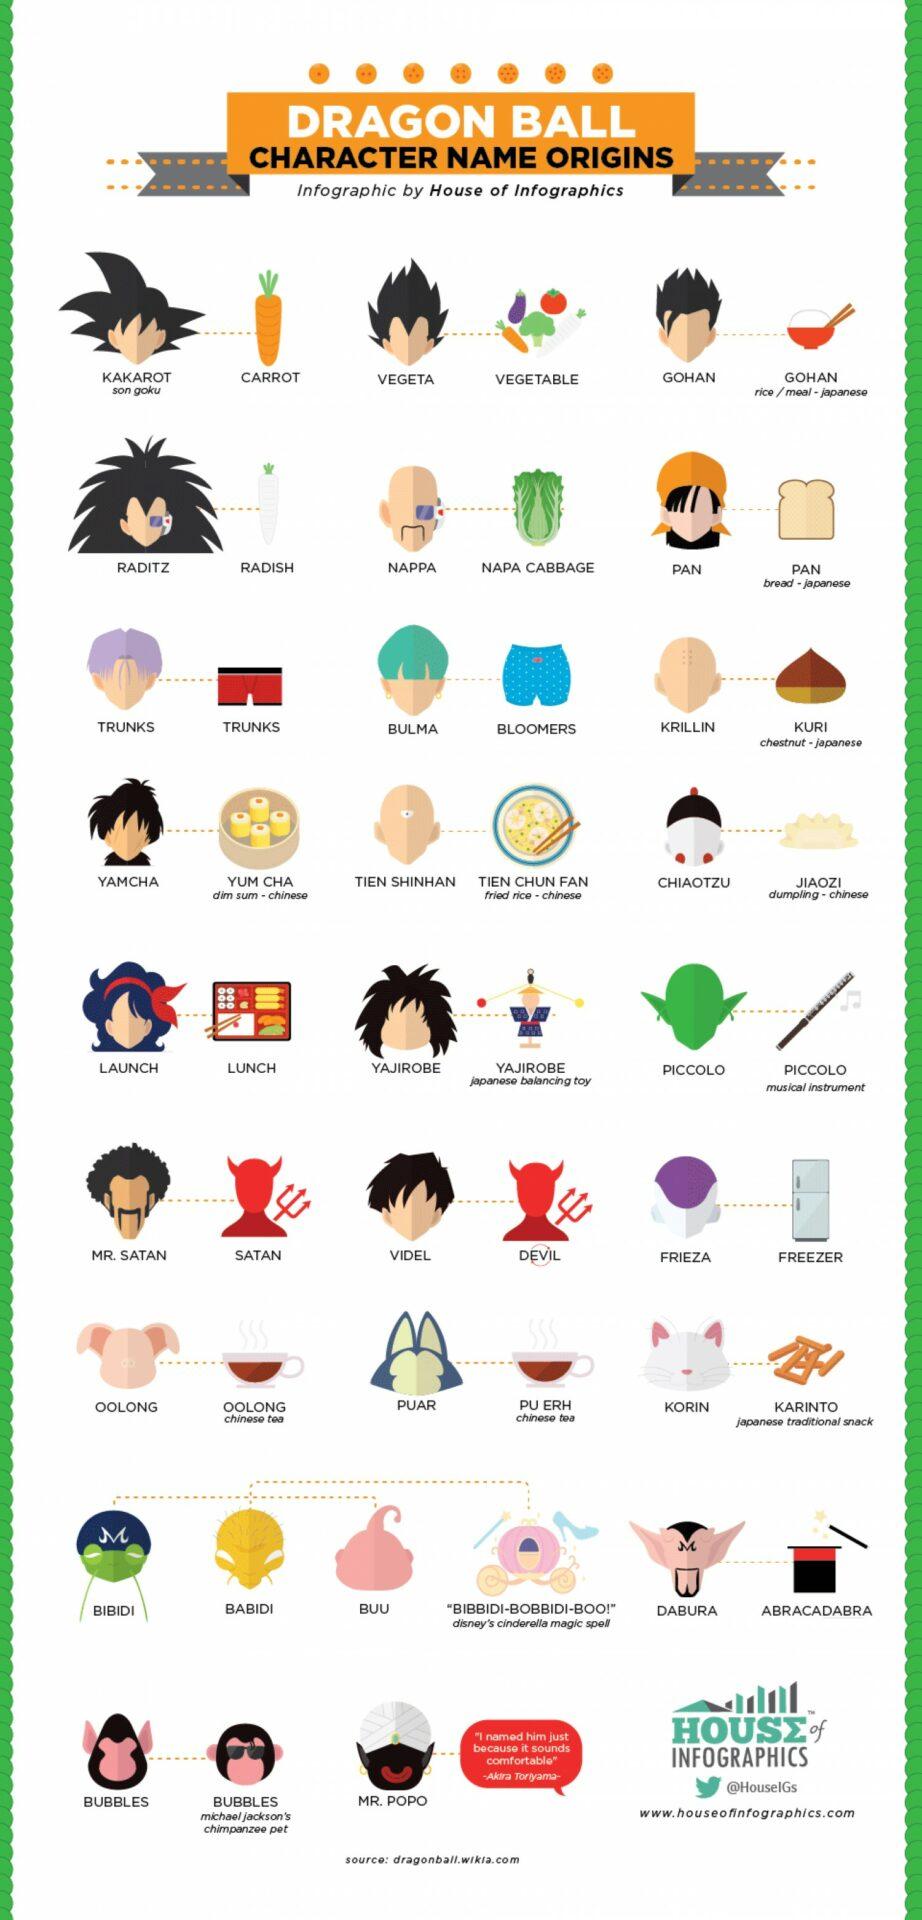 dragon-ball-origine du nom des personnages